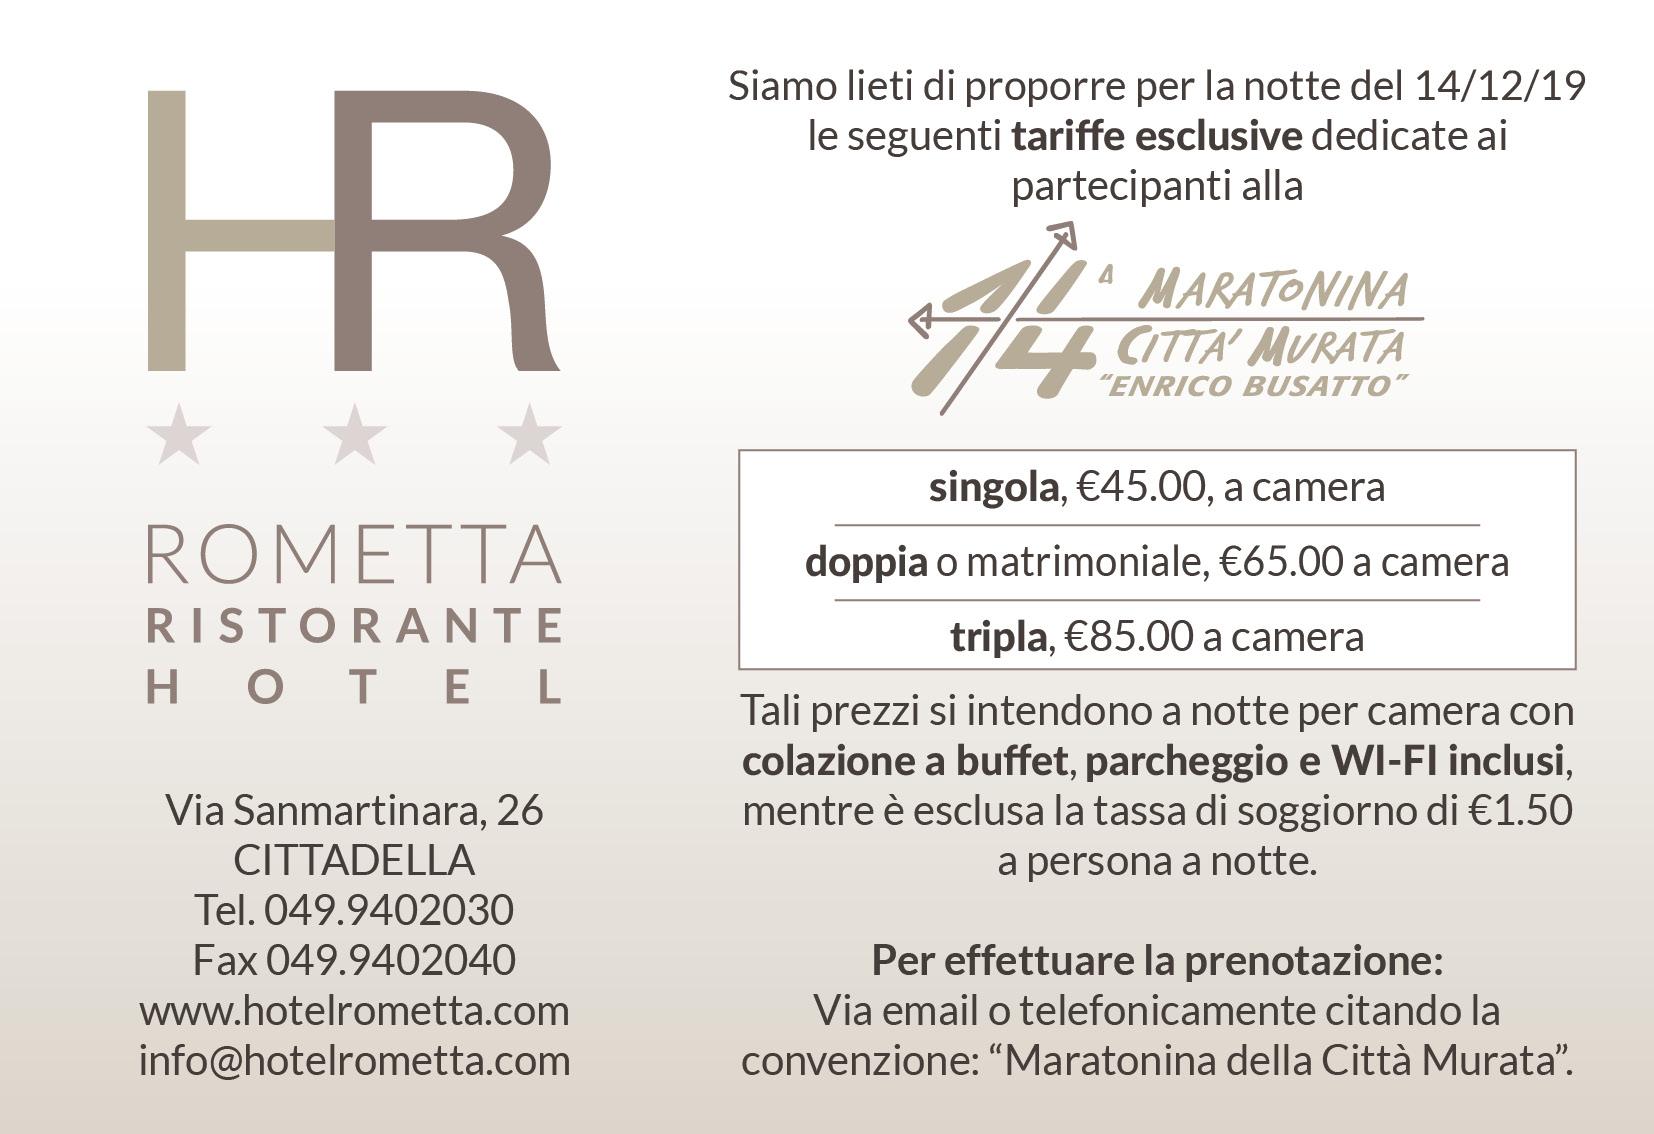 rometta-hotel-pubblicita_